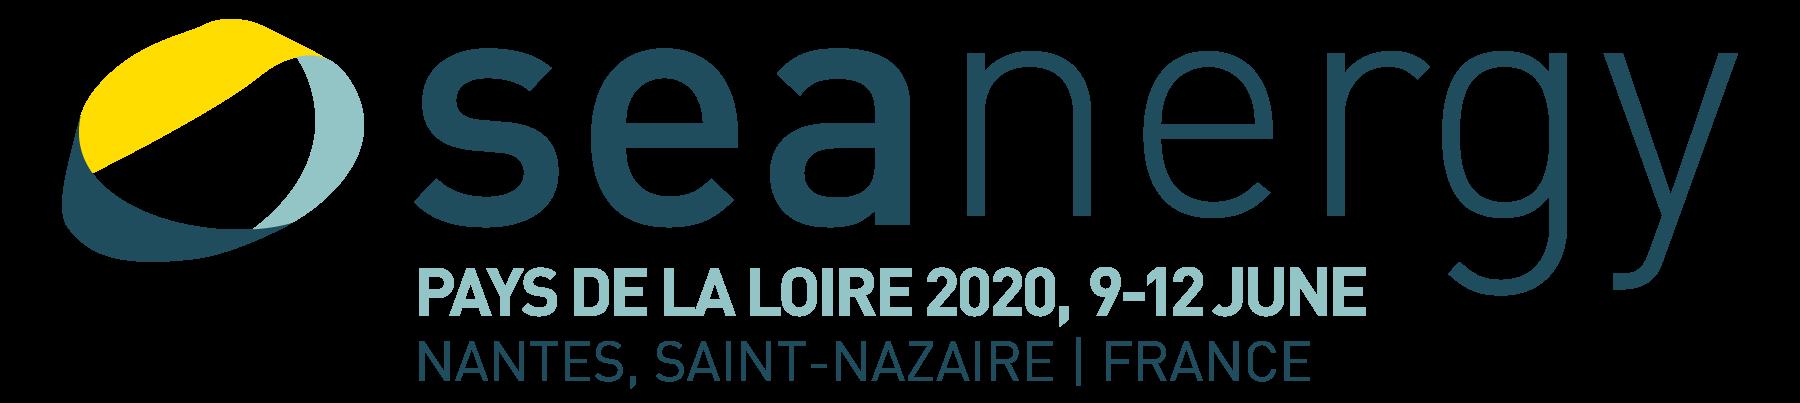 Seanergy_2020